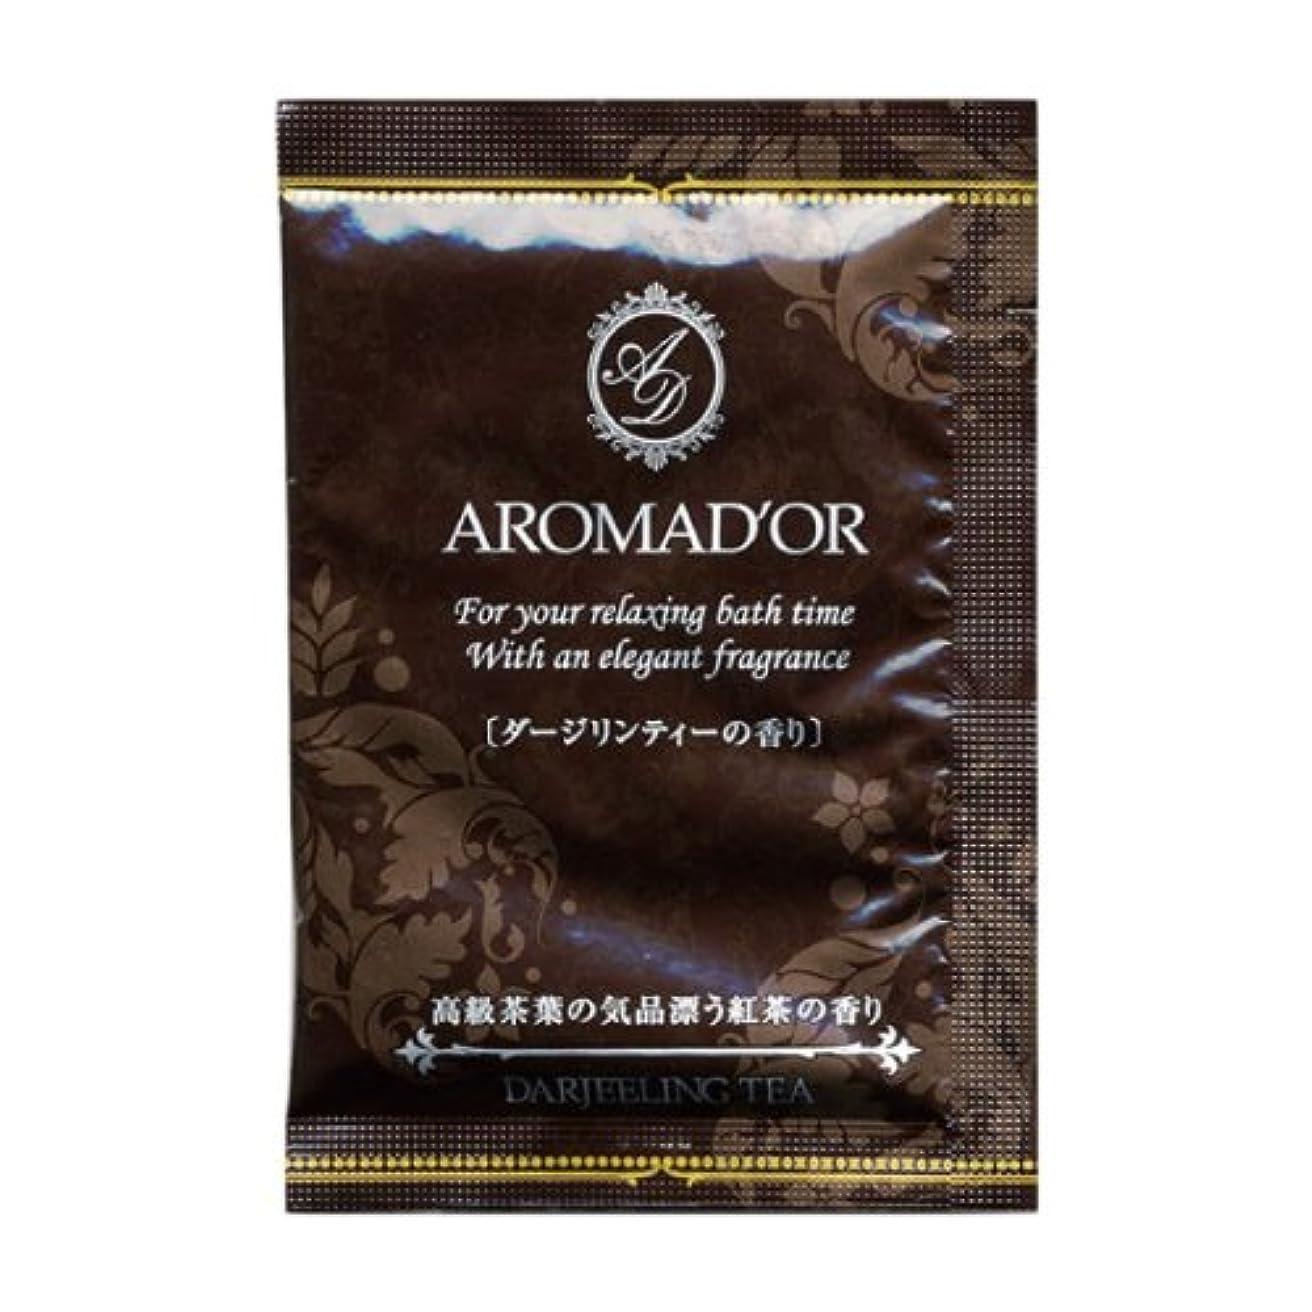 バナー優雅な火アロマドール入浴剤 ダージリンティーの香り 12包